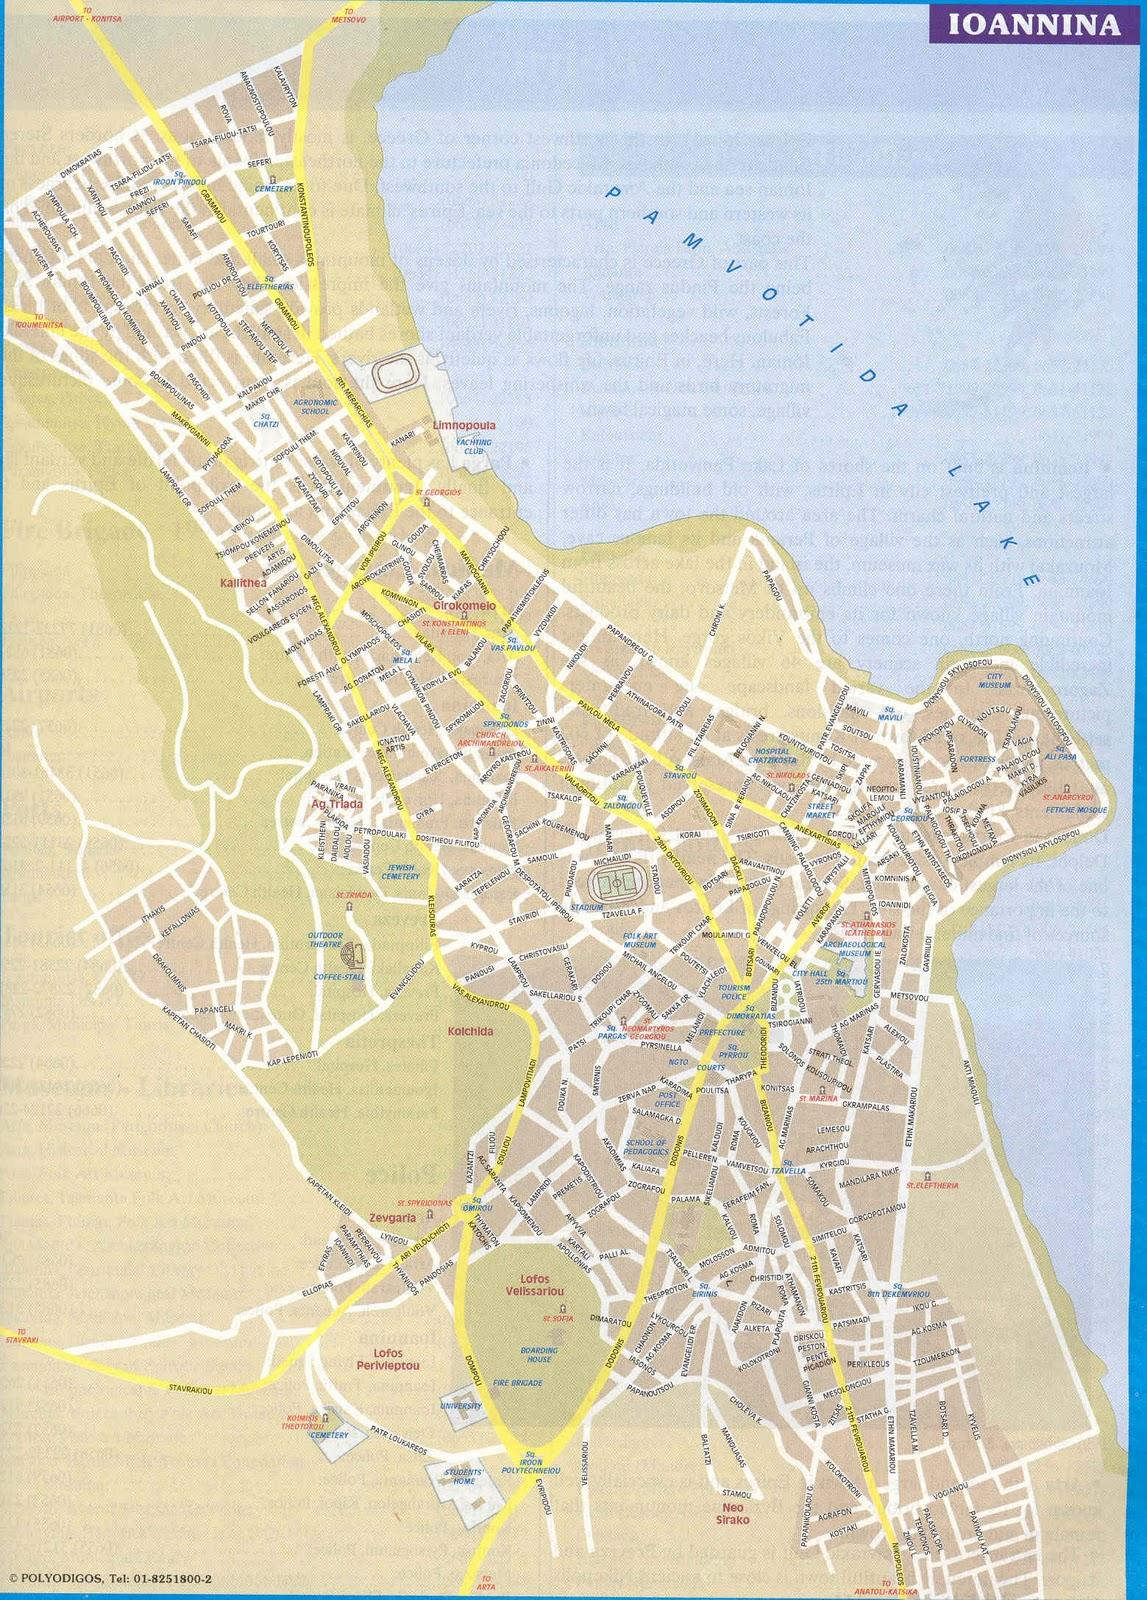 MAPS OF GREECE MAP OF CITIES OF GREECE PLAN DE VILLES DE GRECE